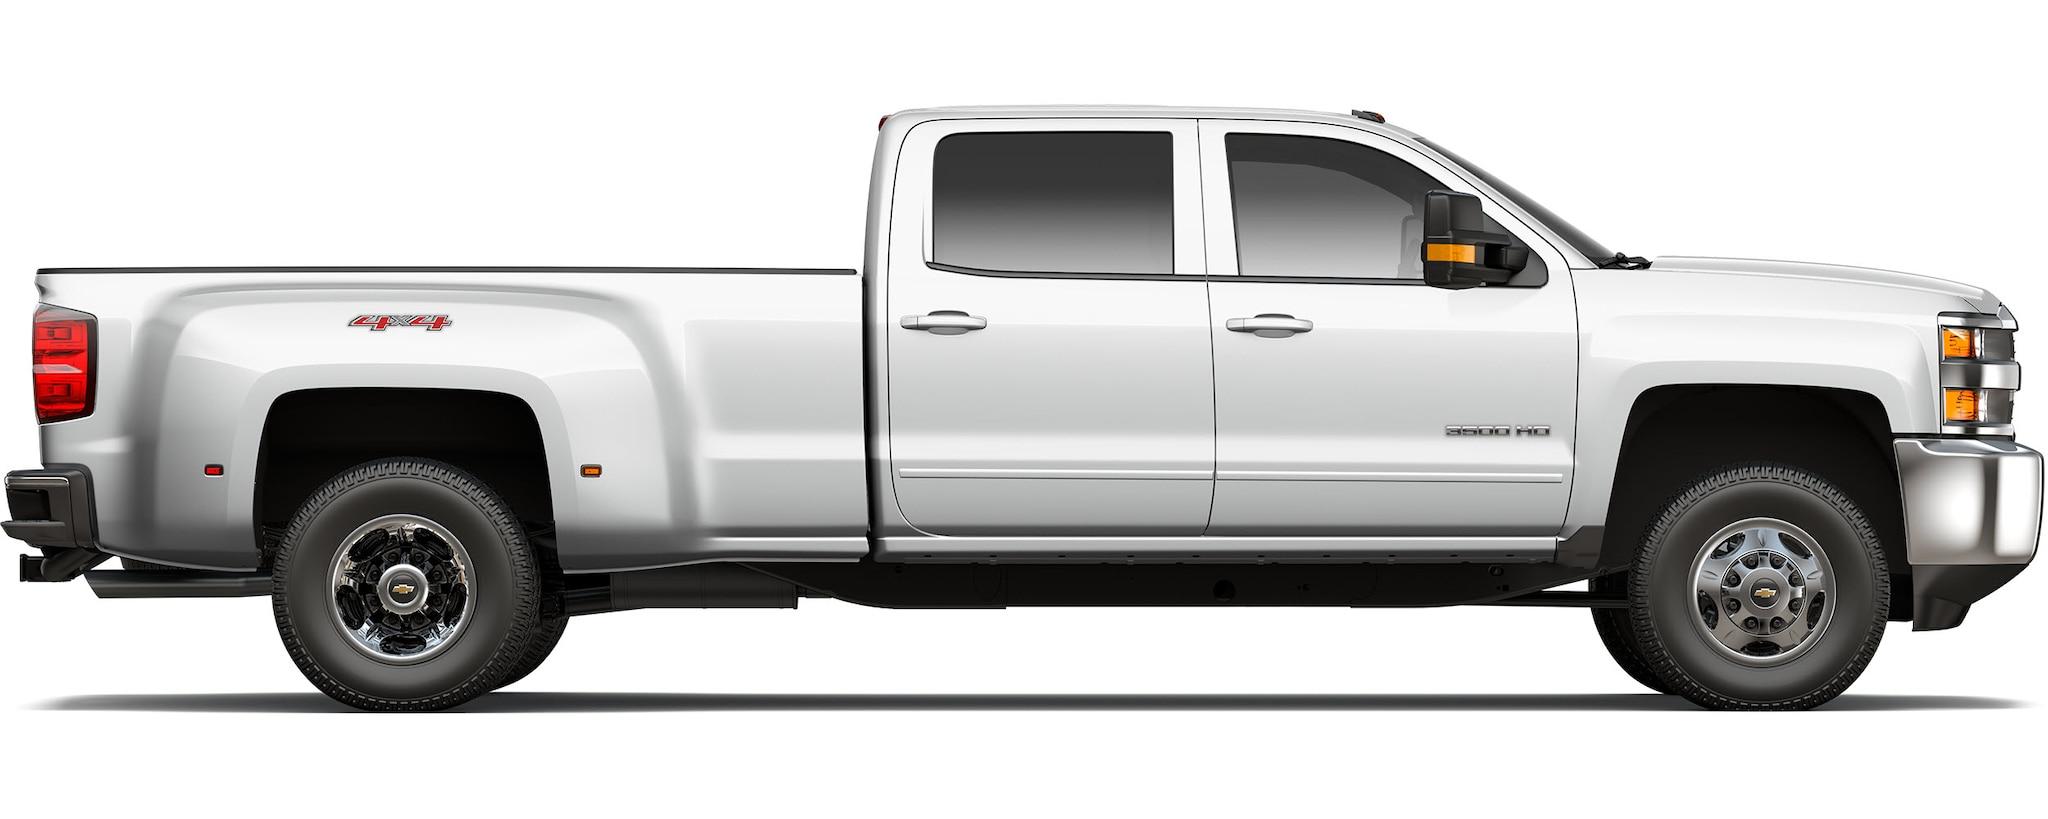 Silverado comercial 2500HD 2017